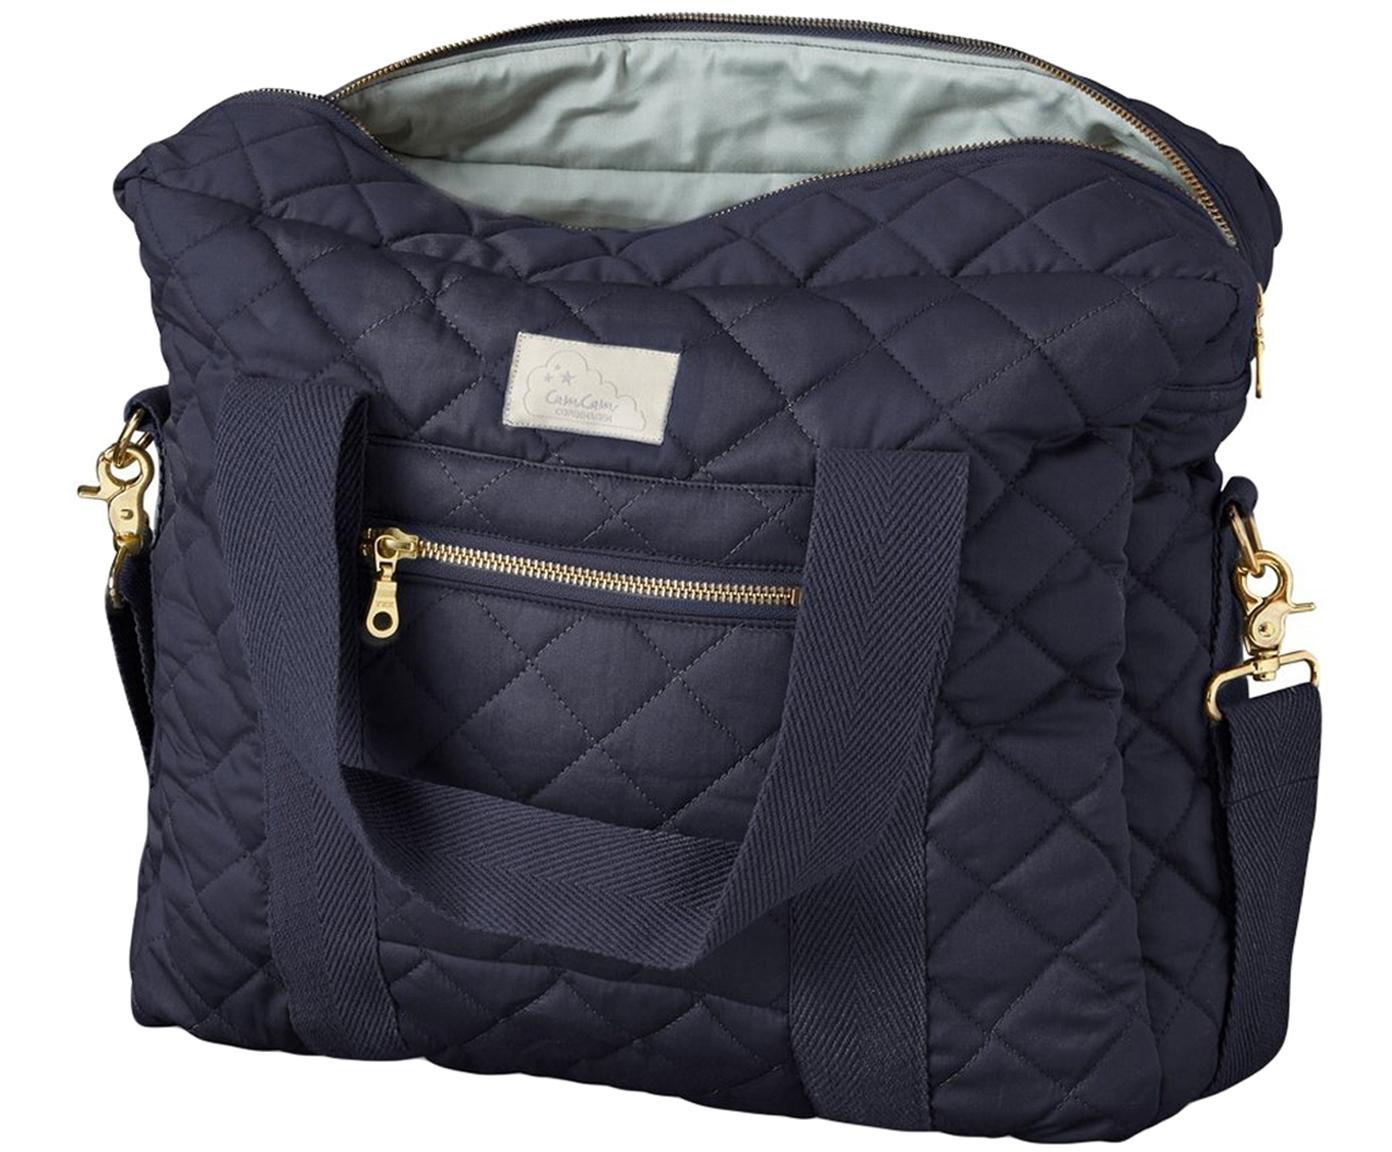 Bolsa para pañales de algodón ecológico Camila, Exterior: algodón ecológico, certif, Azul marino, An 39 x Al 31 cm